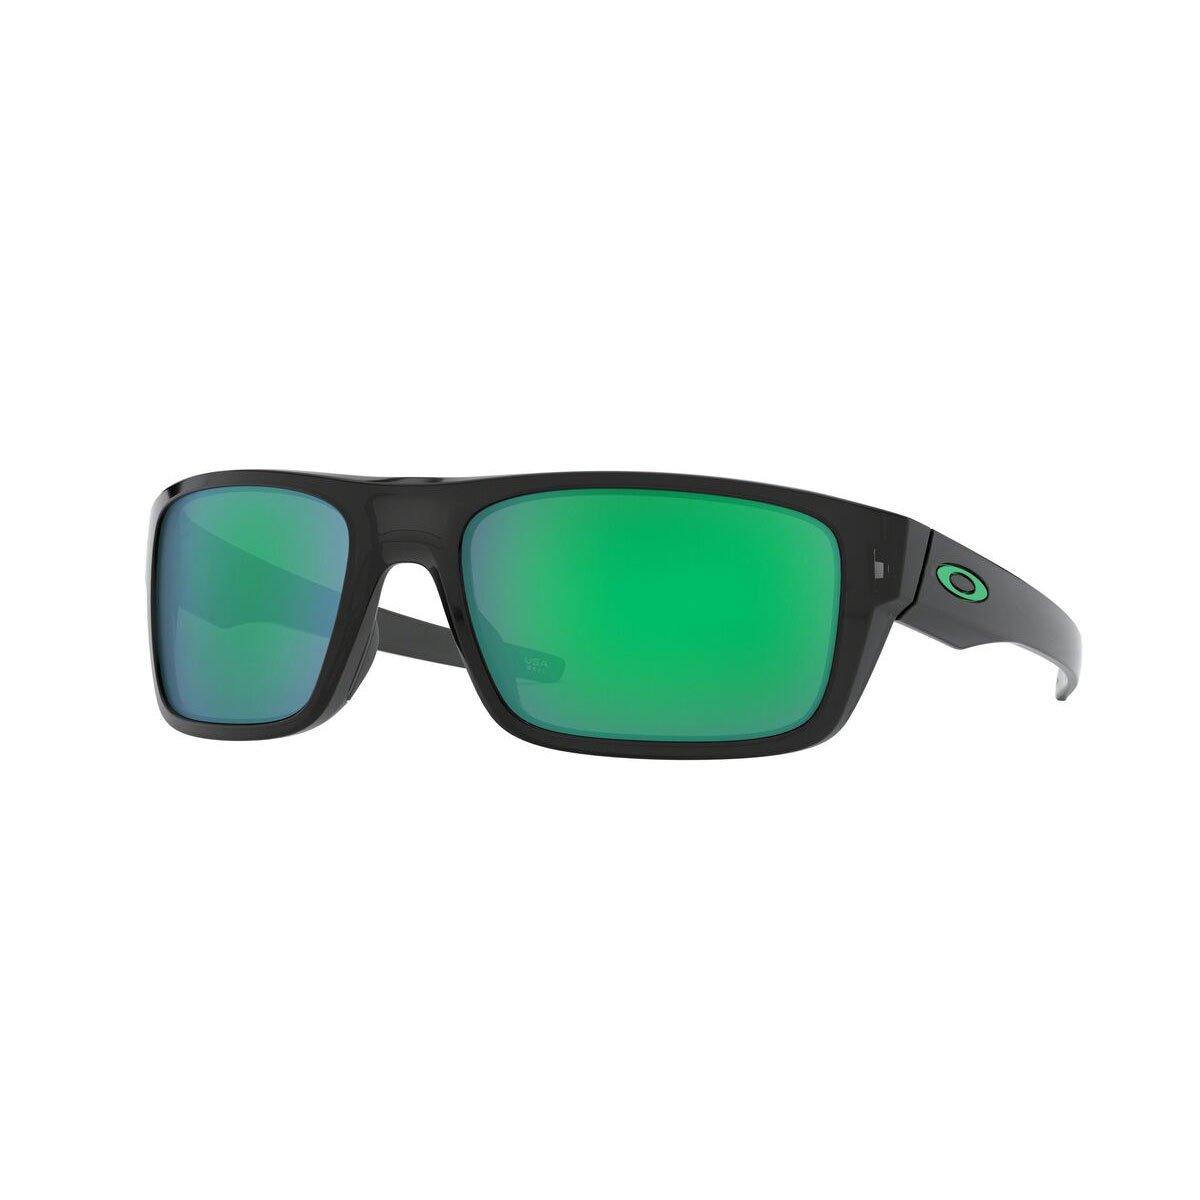 best deal oakley polarized sunglasses